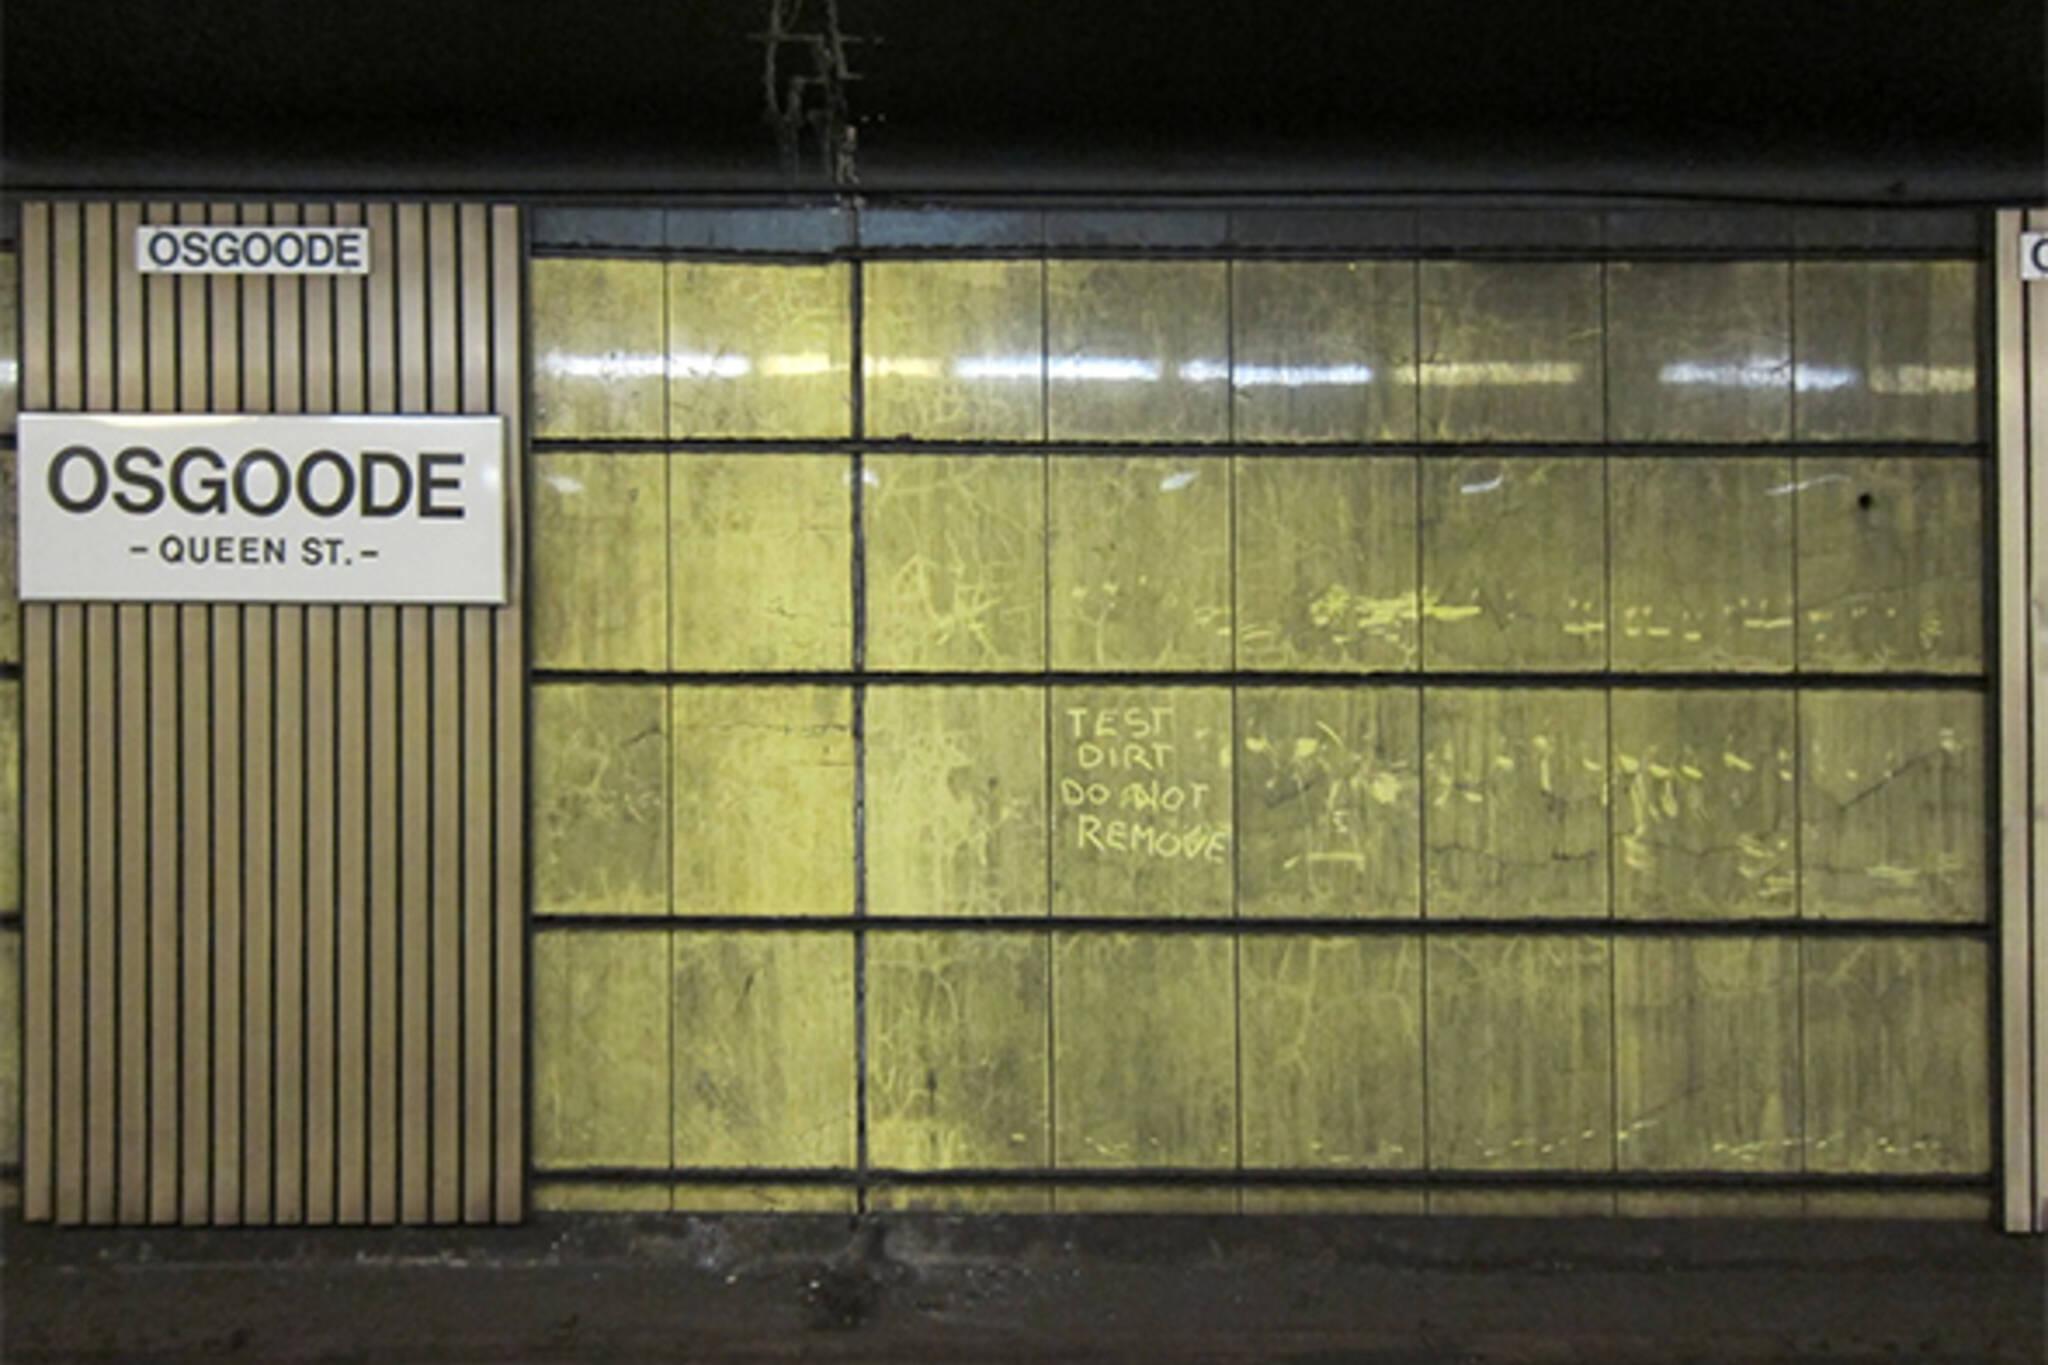 Osgoode subway